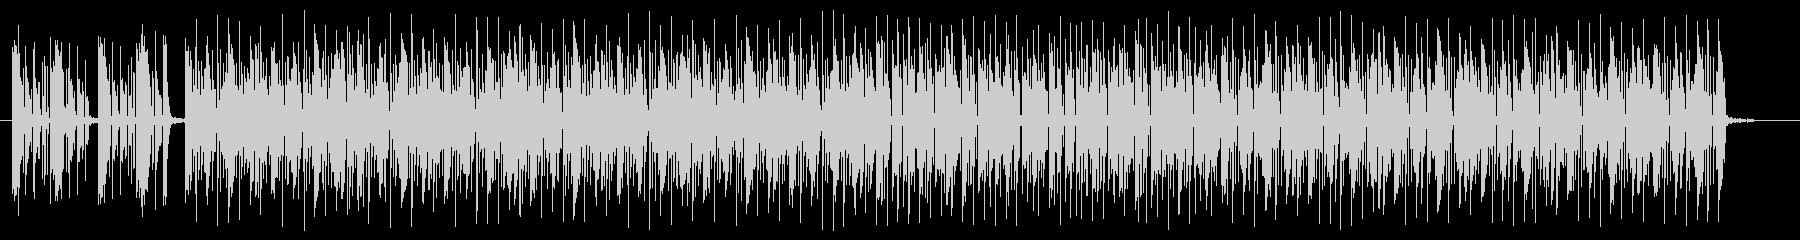 キャッチ―でリズミカルなシンセサウンドの未再生の波形